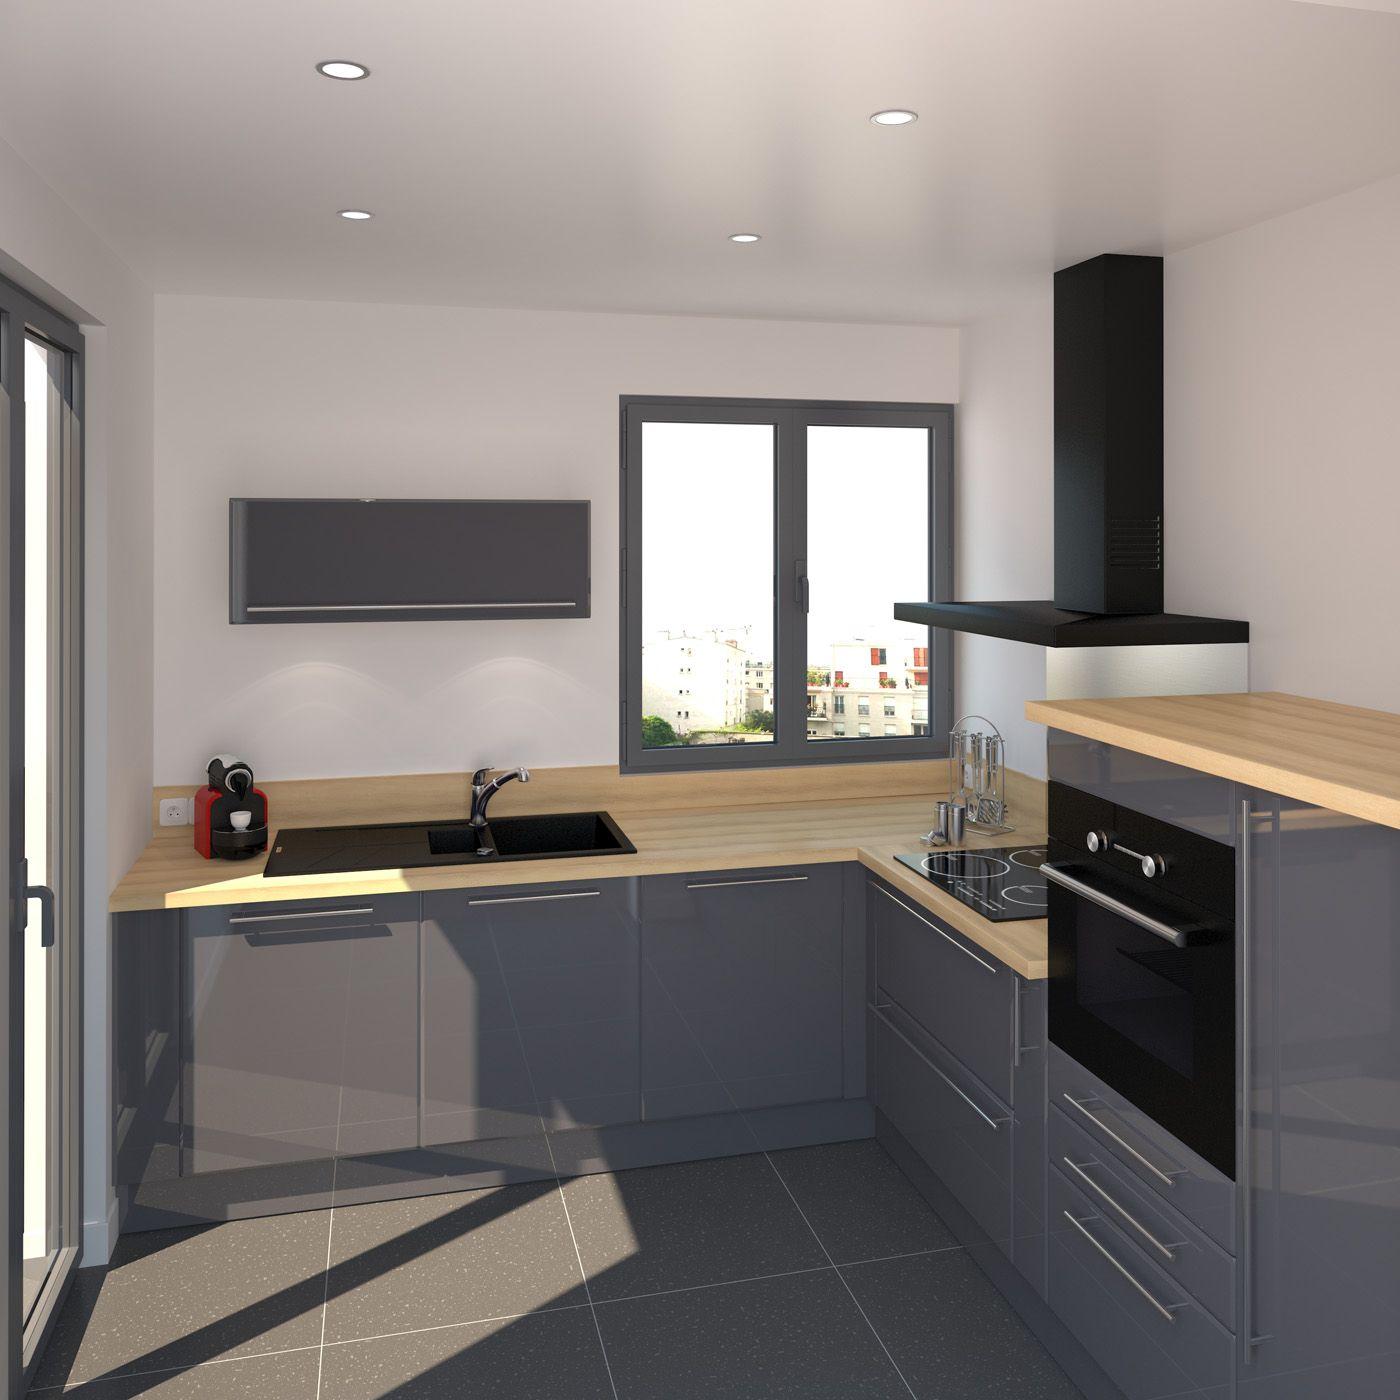 petit coin cuisine, meubles couleur bleu gris et finition brillante